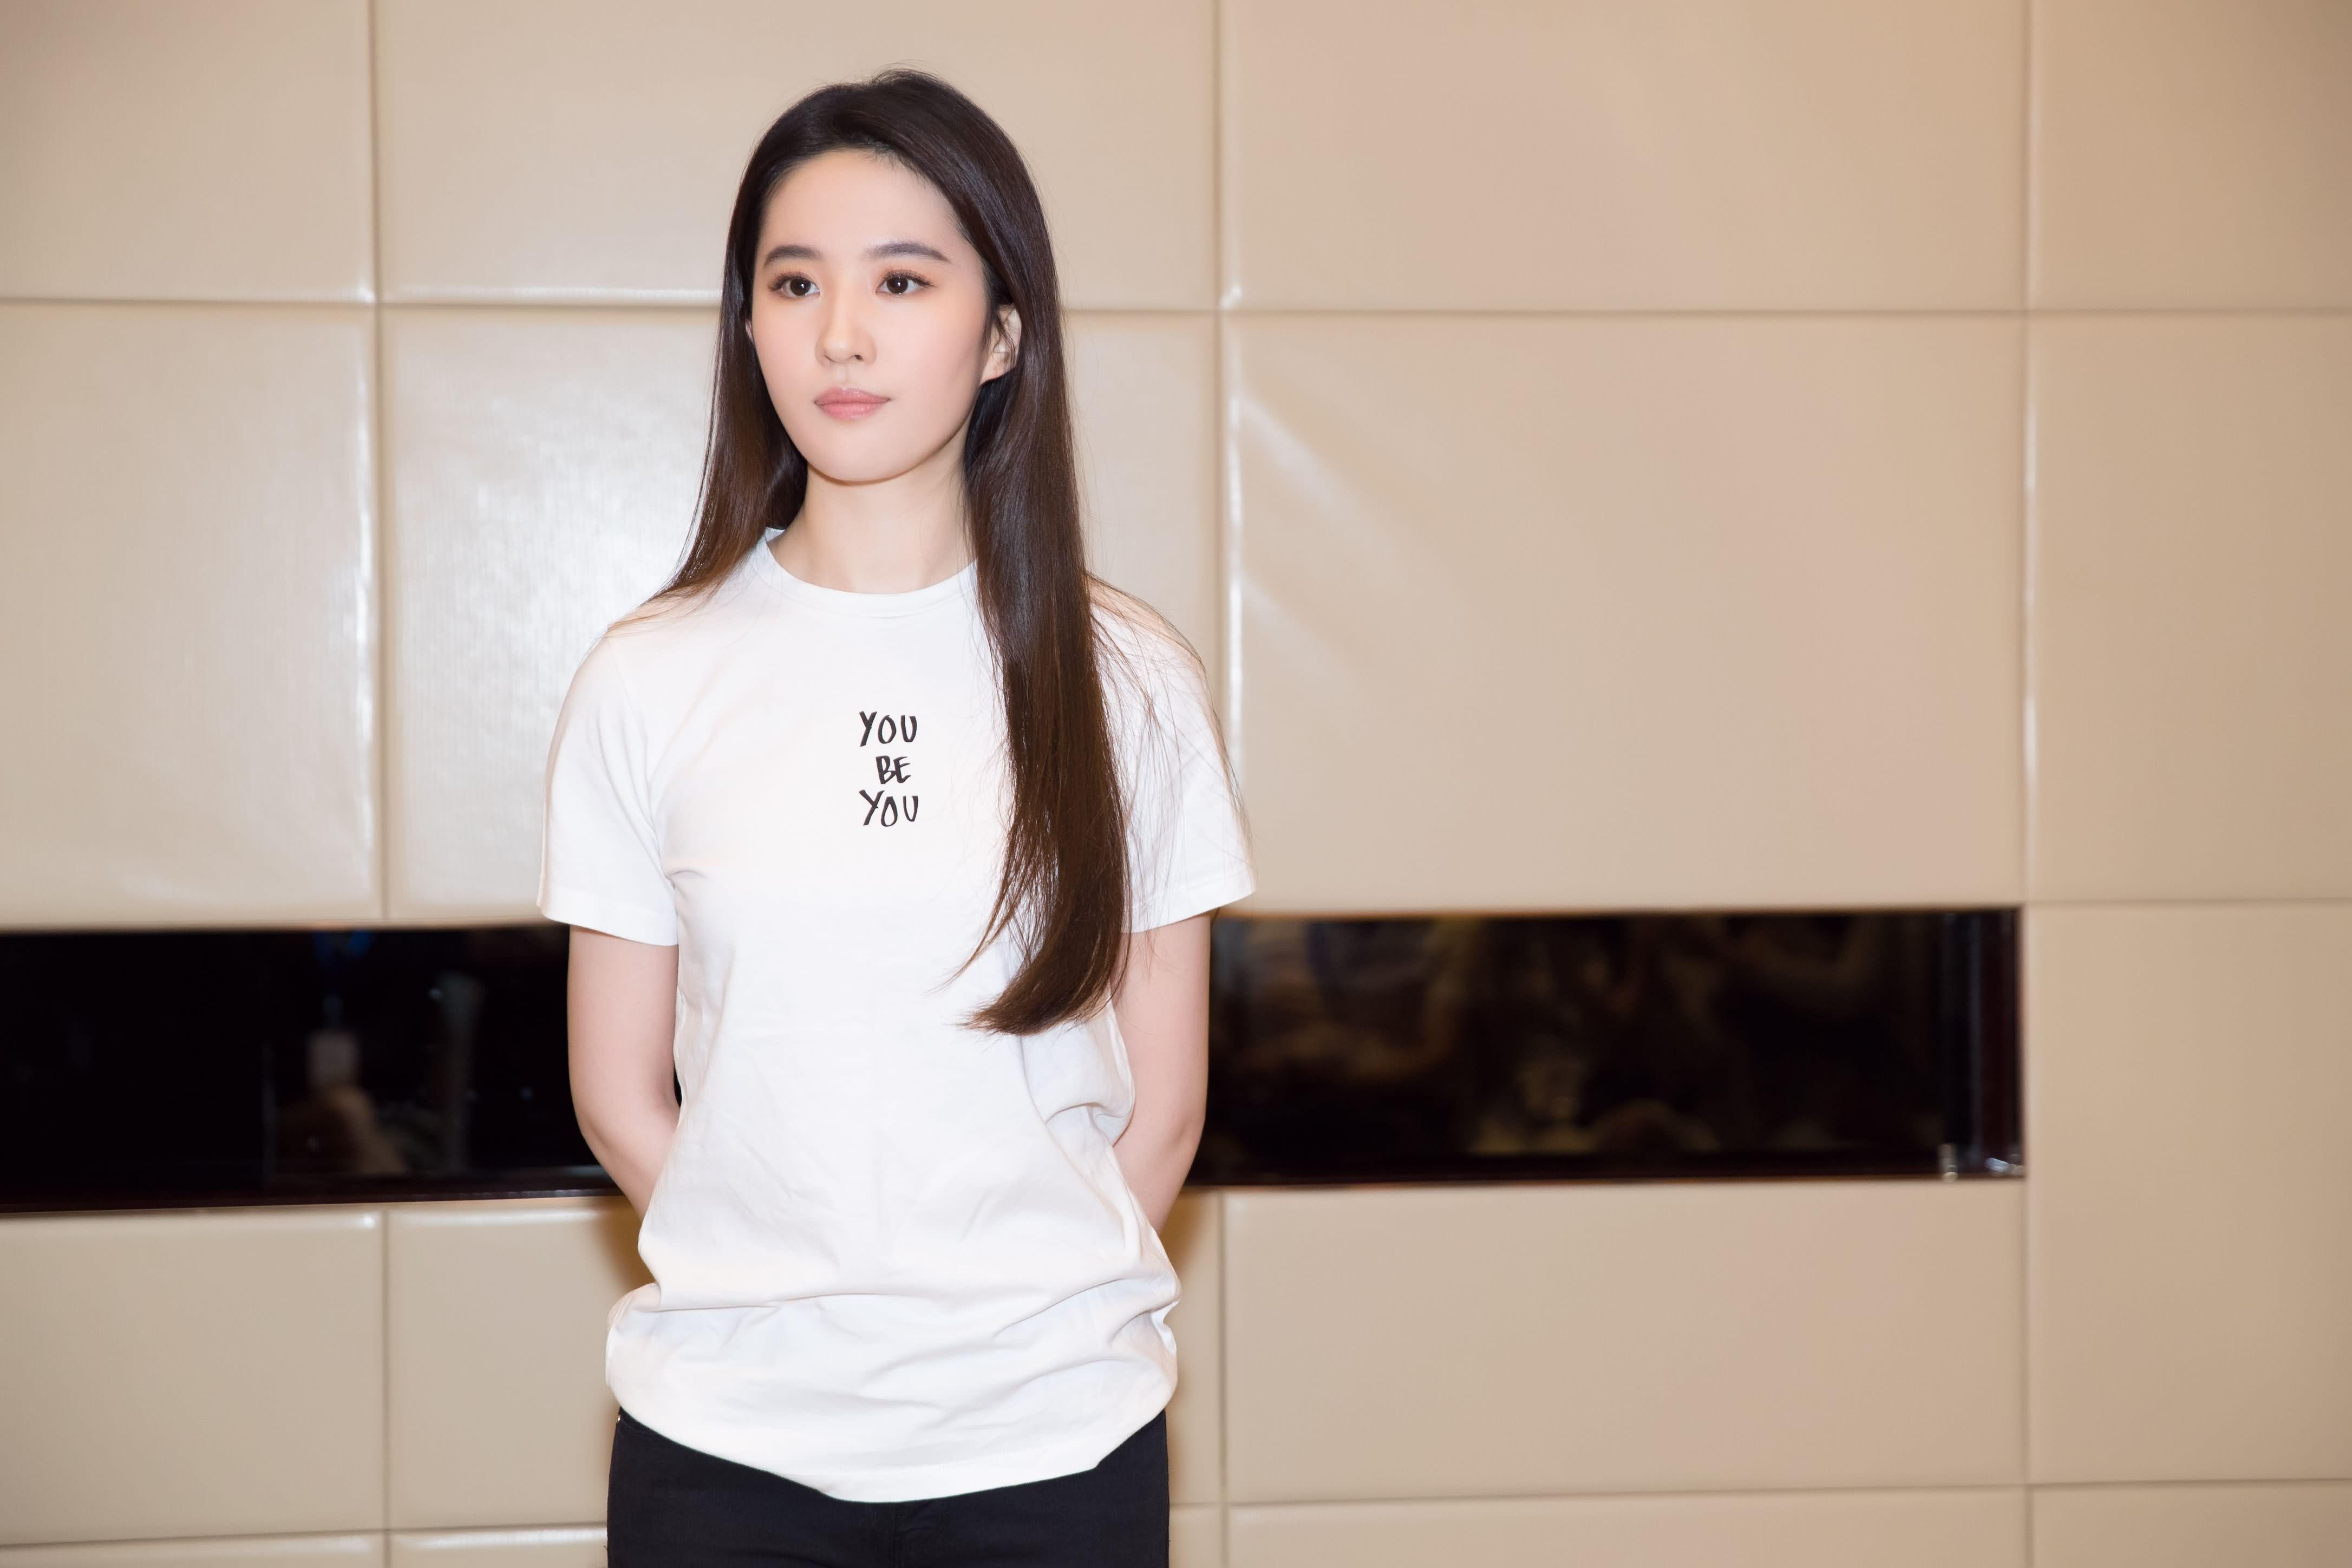 《三生三世》取消路演 为灾区祈福(捐款50万)